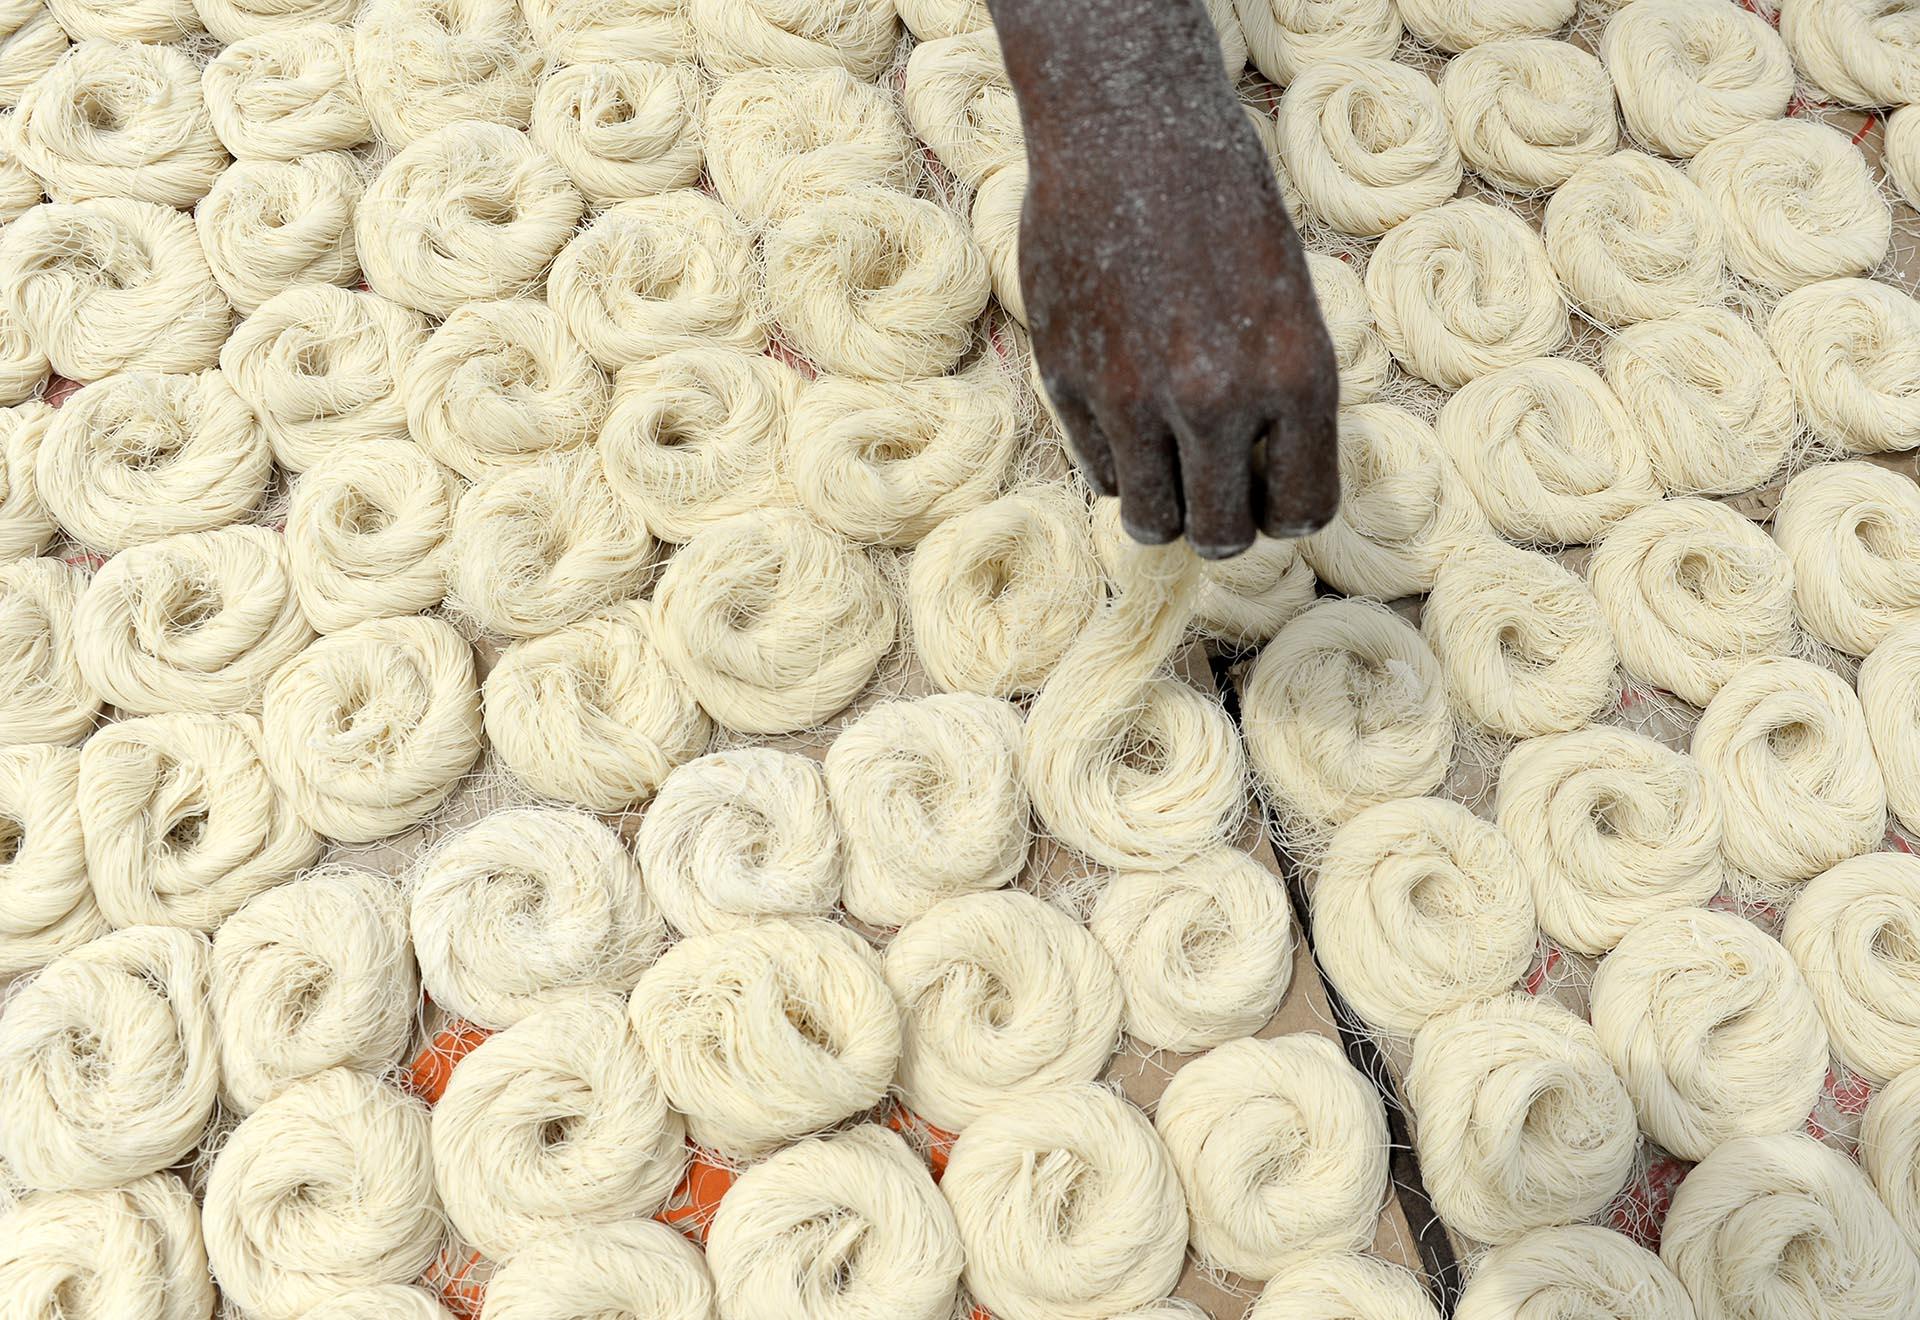 Un trabajador indio seca los fideos finos -que se utilizan para hacer el sheerkhorma, un plato tradicional preparado durante el mes de Ramadan- en Chennai